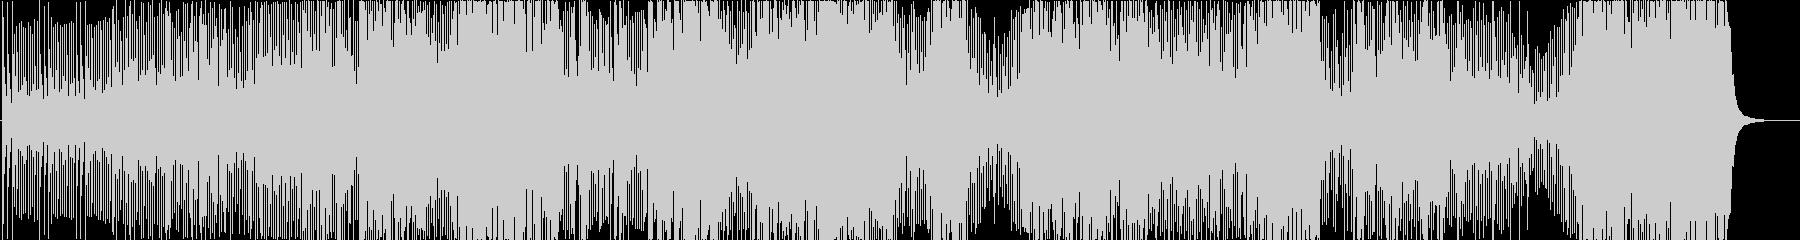 三味線と和太鼓の激しい曲の未再生の波形